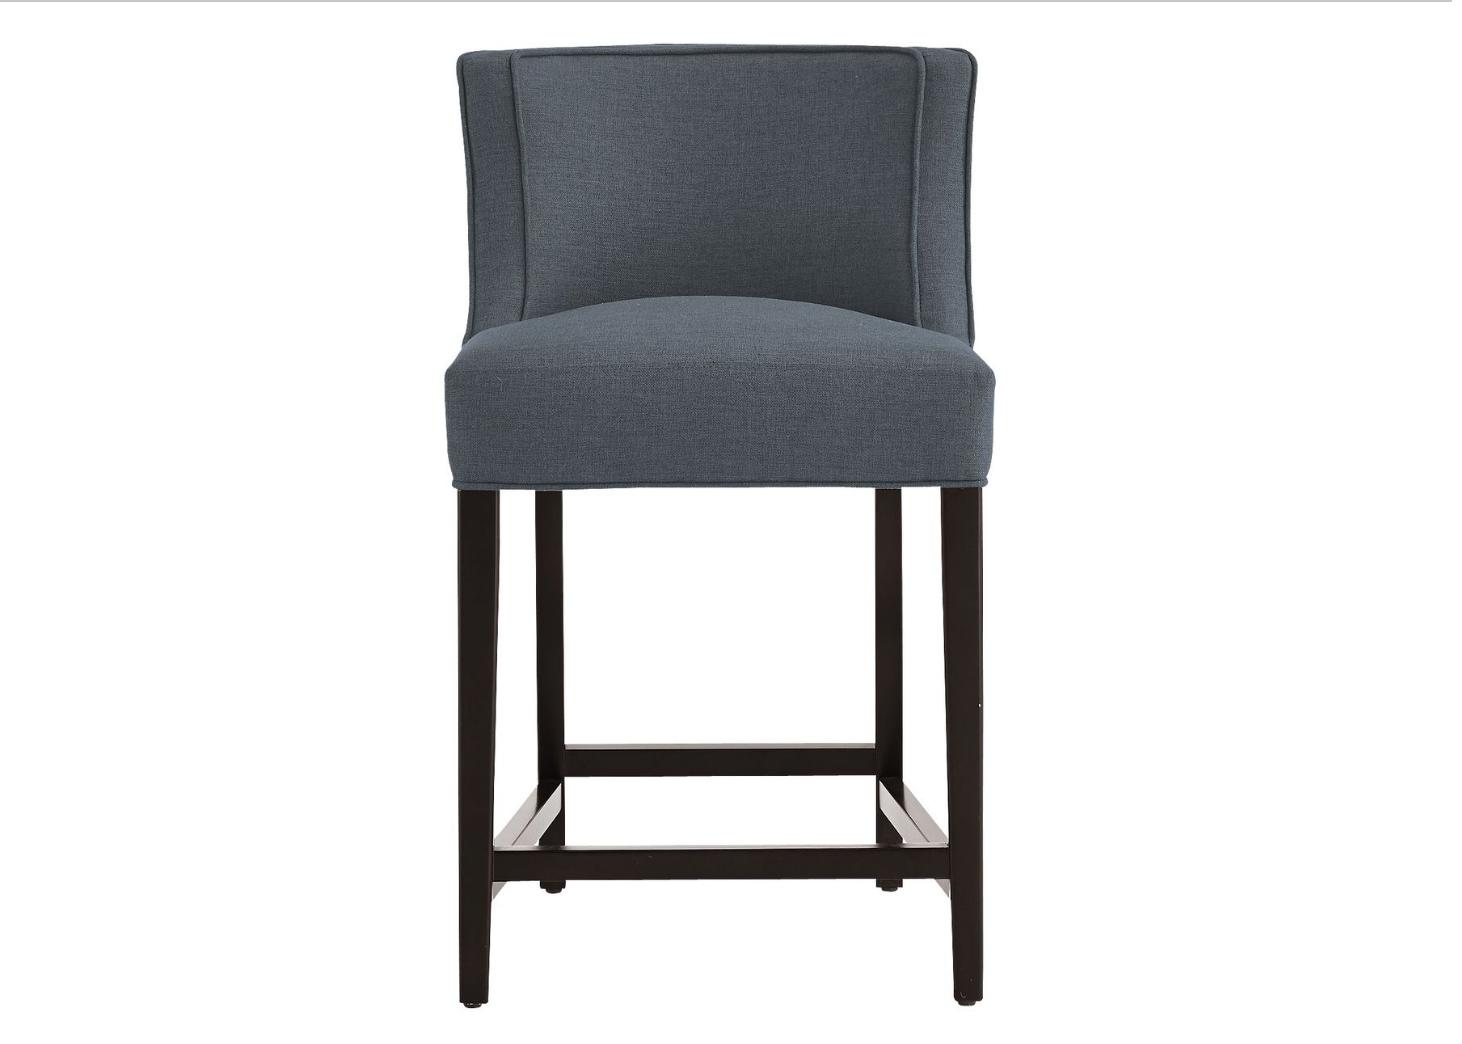 Стул Tweed CounterБарные стулья<br>&amp;lt;div&amp;gt;&amp;amp;nbsp;Встречайте по одежке! В обивке из прочного твида, этот стул впечатлит любого ценителя стильной классики. Удобная спинка и прочный каркас из бука -- он прослужит вам долго.&amp;amp;nbsp;&amp;lt;/div&amp;gt;&amp;lt;div&amp;gt;&amp;lt;br&amp;gt;&amp;lt;/div&amp;gt;&amp;lt;div&amp;gt;Высота сиденья - 66 см (для столешницы 90 см).&amp;lt;br&amp;gt;&amp;lt;/div&amp;gt;&amp;lt;div&amp;gt;&amp;lt;div&amp;gt;&amp;lt;div&amp;gt;Более 100 вариантов цвета.&amp;amp;nbsp;&amp;lt;/div&amp;gt;&amp;lt;/div&amp;gt;&amp;lt;/div&amp;gt;<br><br>Material: Бук<br>Width см: 53<br>Depth см: 58<br>Height см: 90